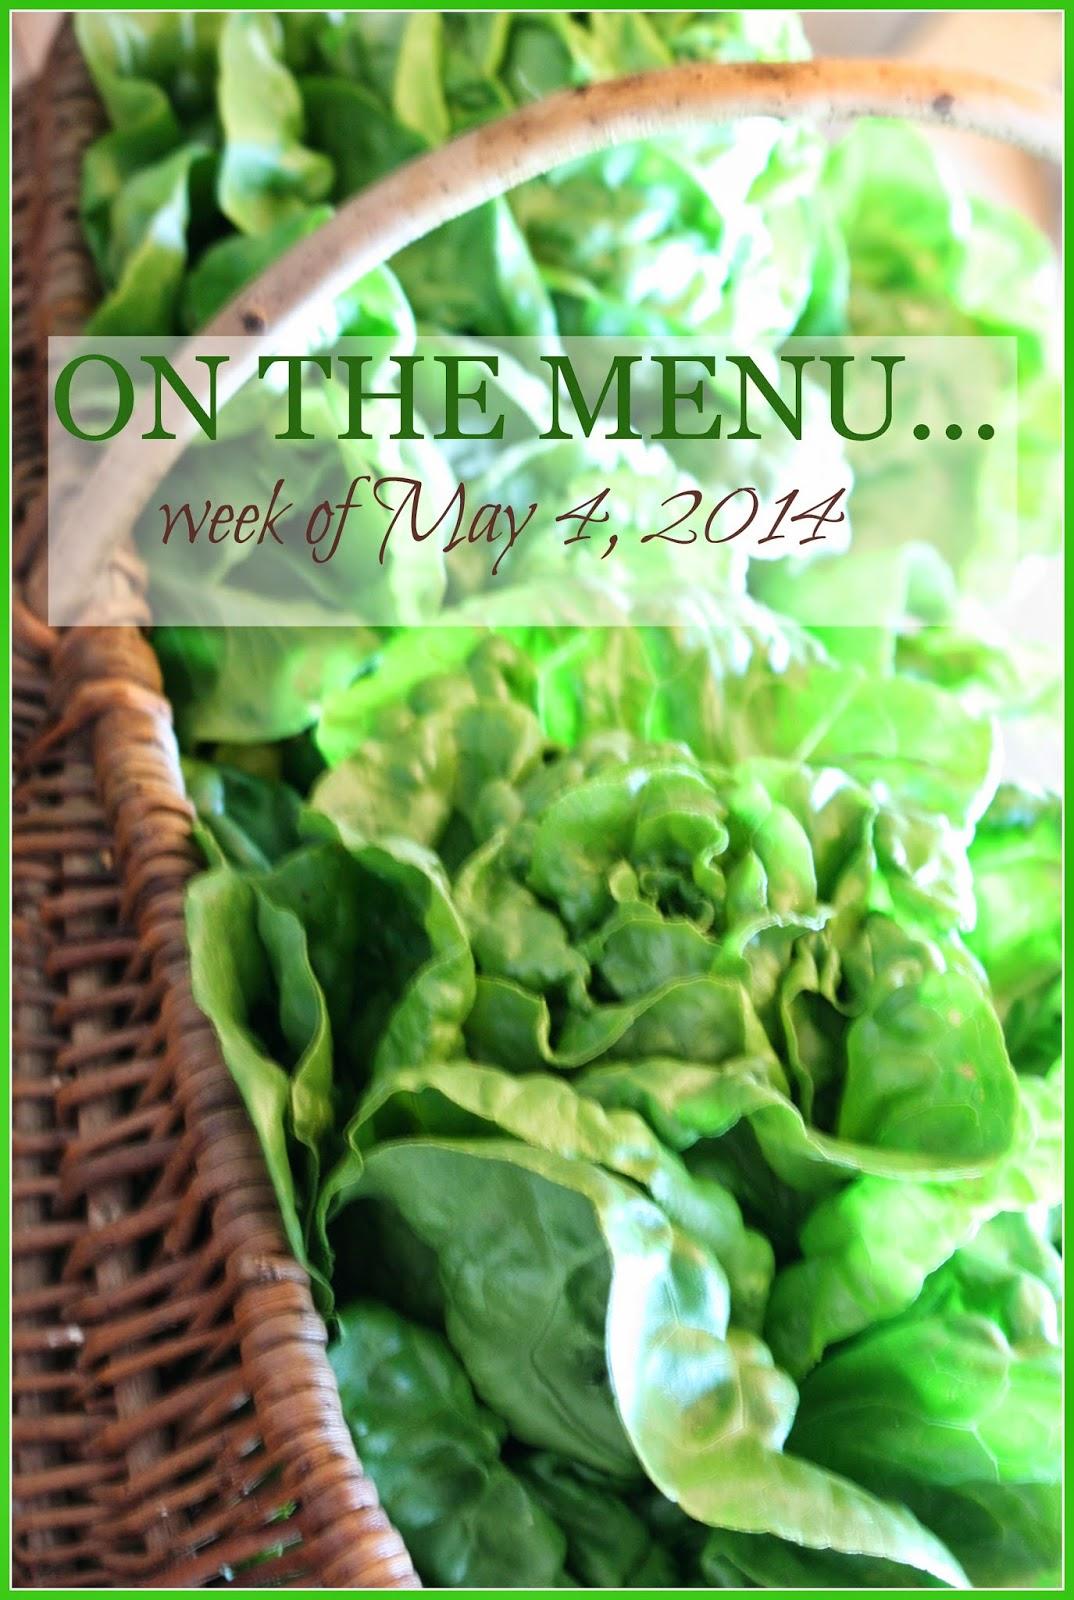 on the menu week of may 4, 2014